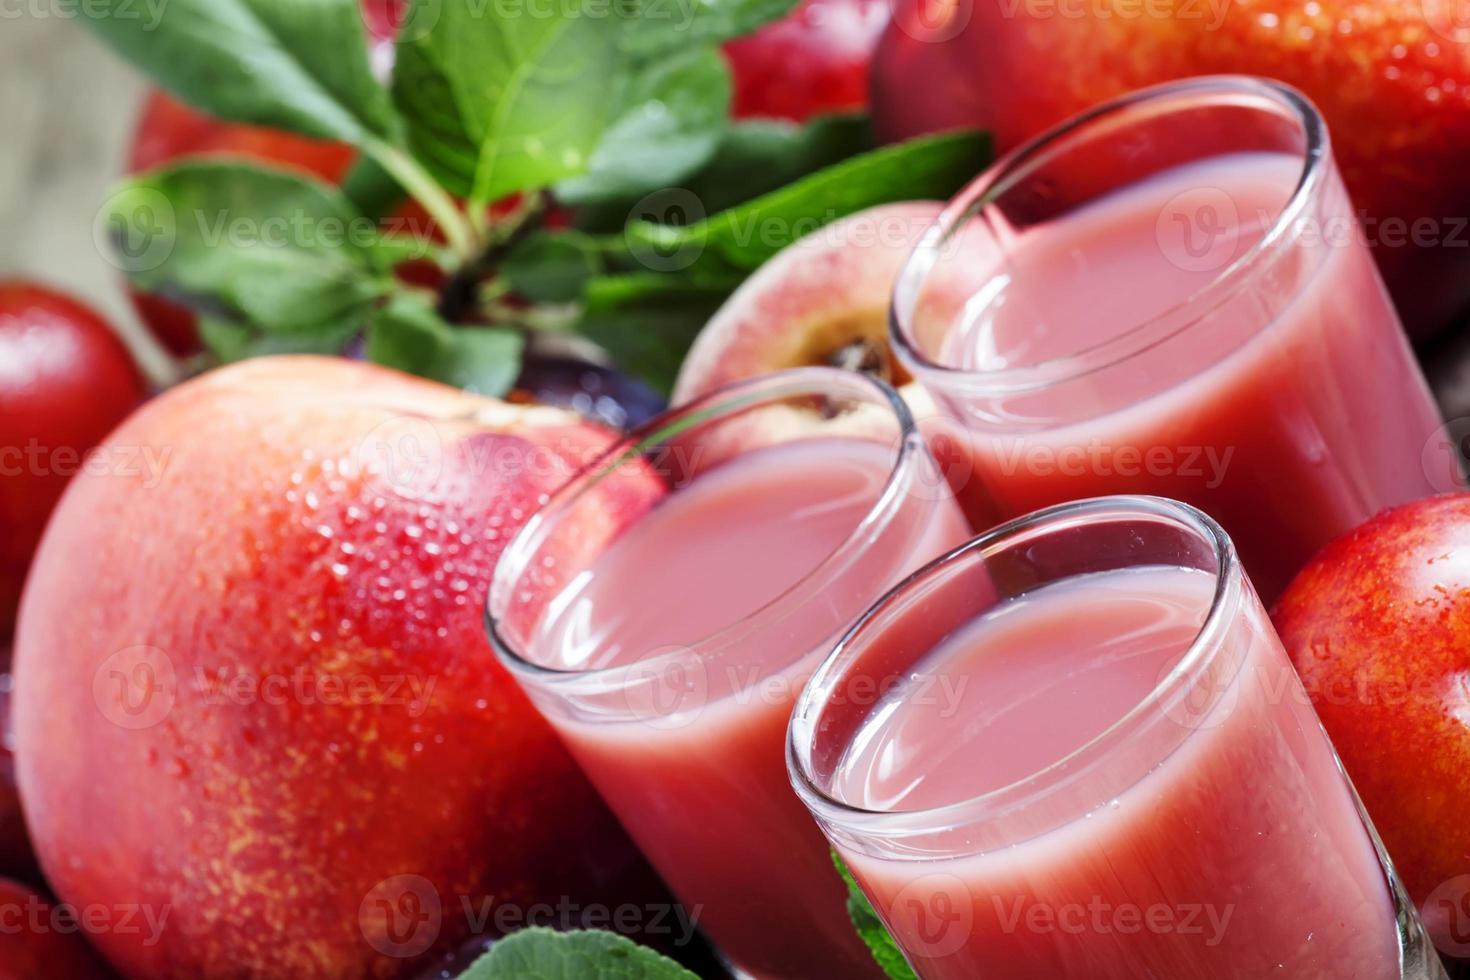 köstlicher frischer Saft aus roten und blauen Pflaumen foto